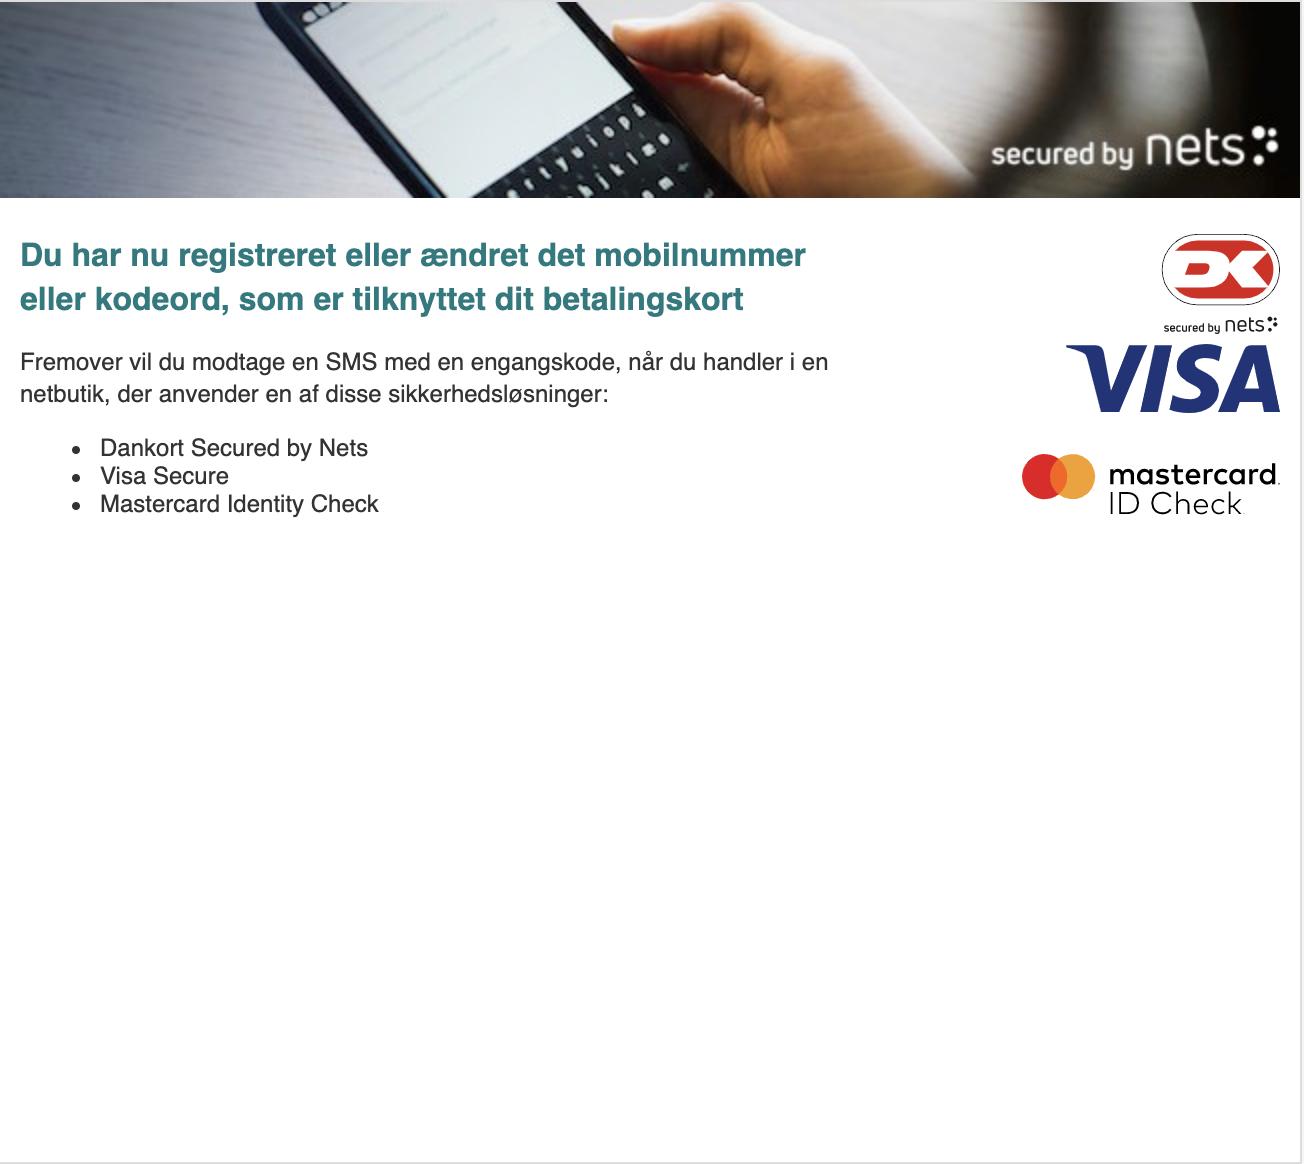 Dokument af registreret mobilnummer eller kodeord på betalingkort er godkendt